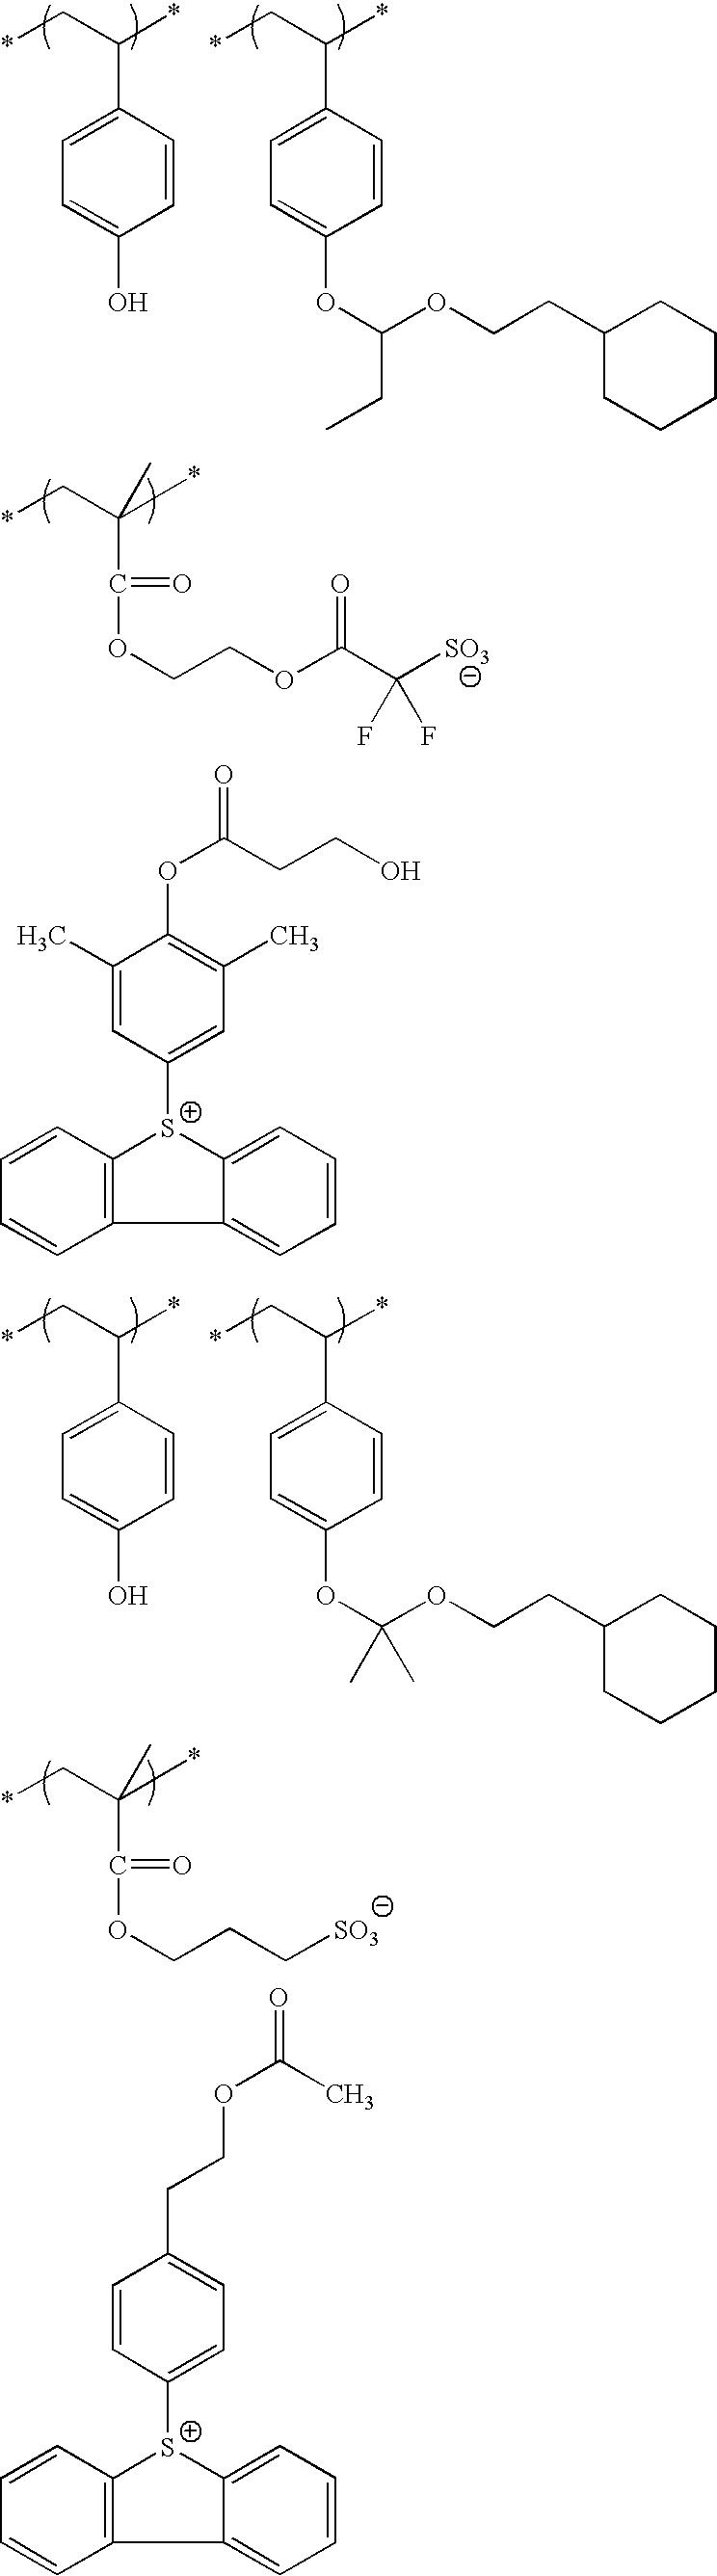 Figure US08852845-20141007-C00156